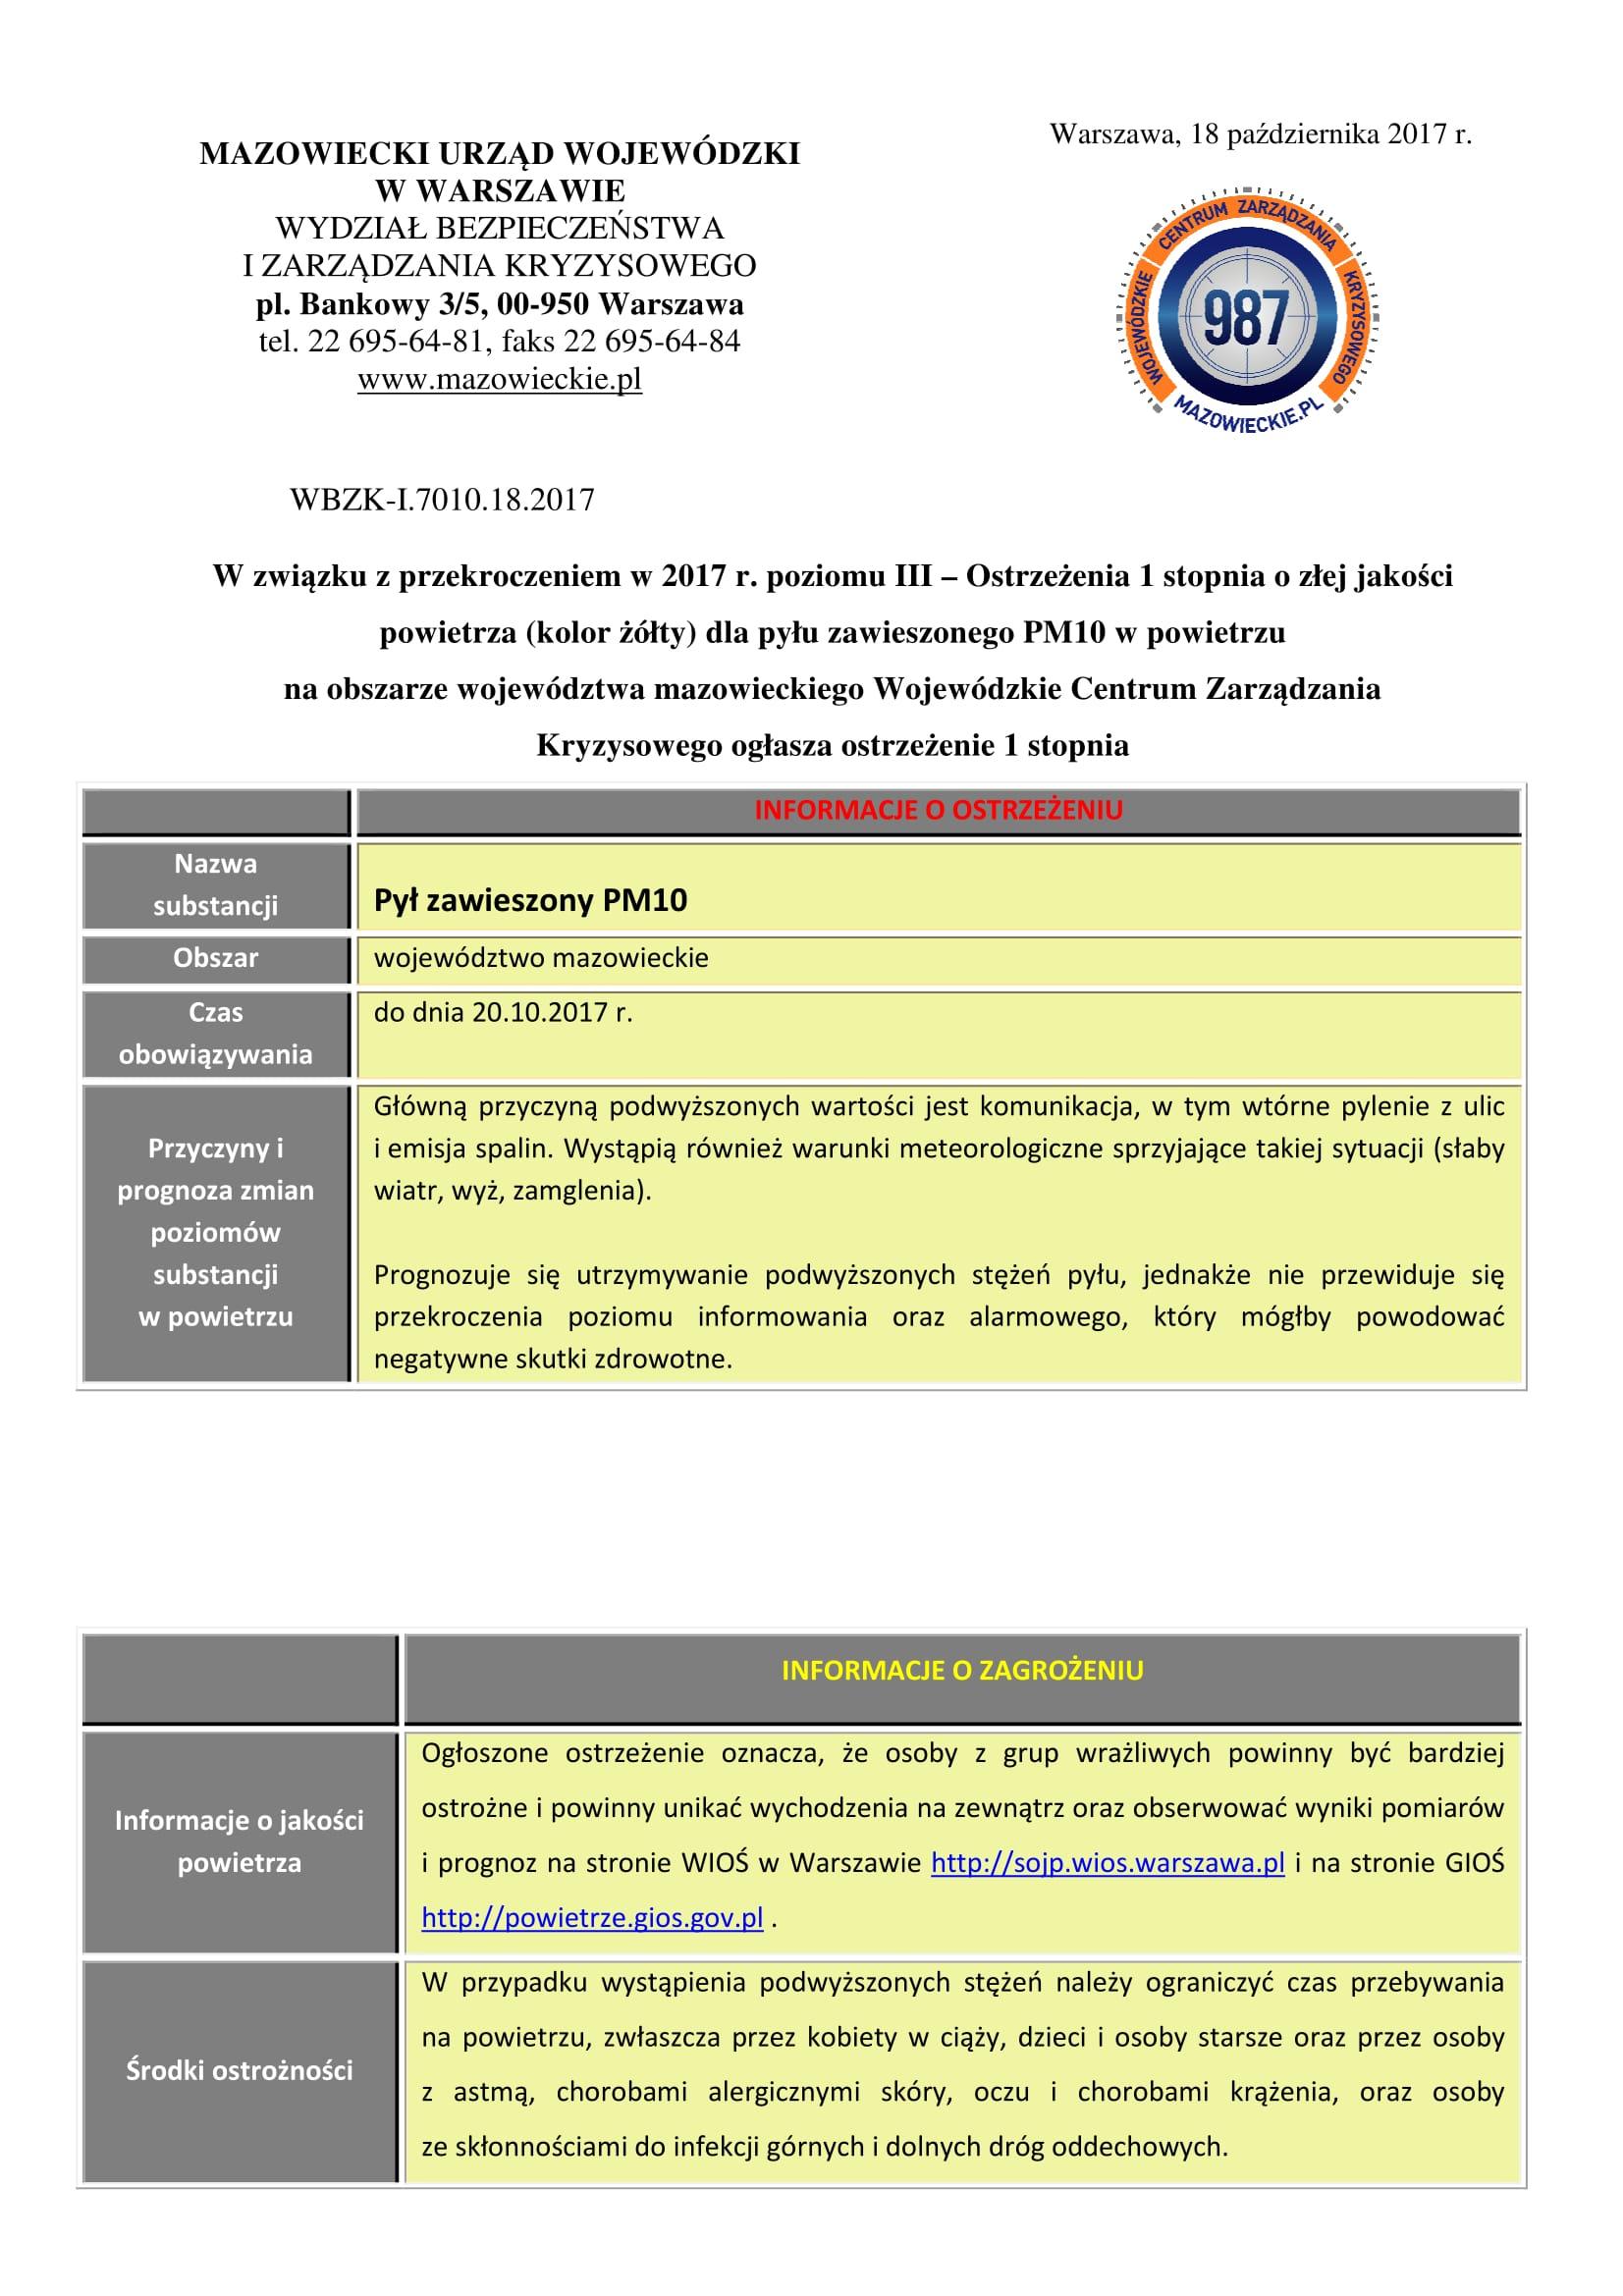 Poziom III - Ostrzeżenie 1 PM 10-1